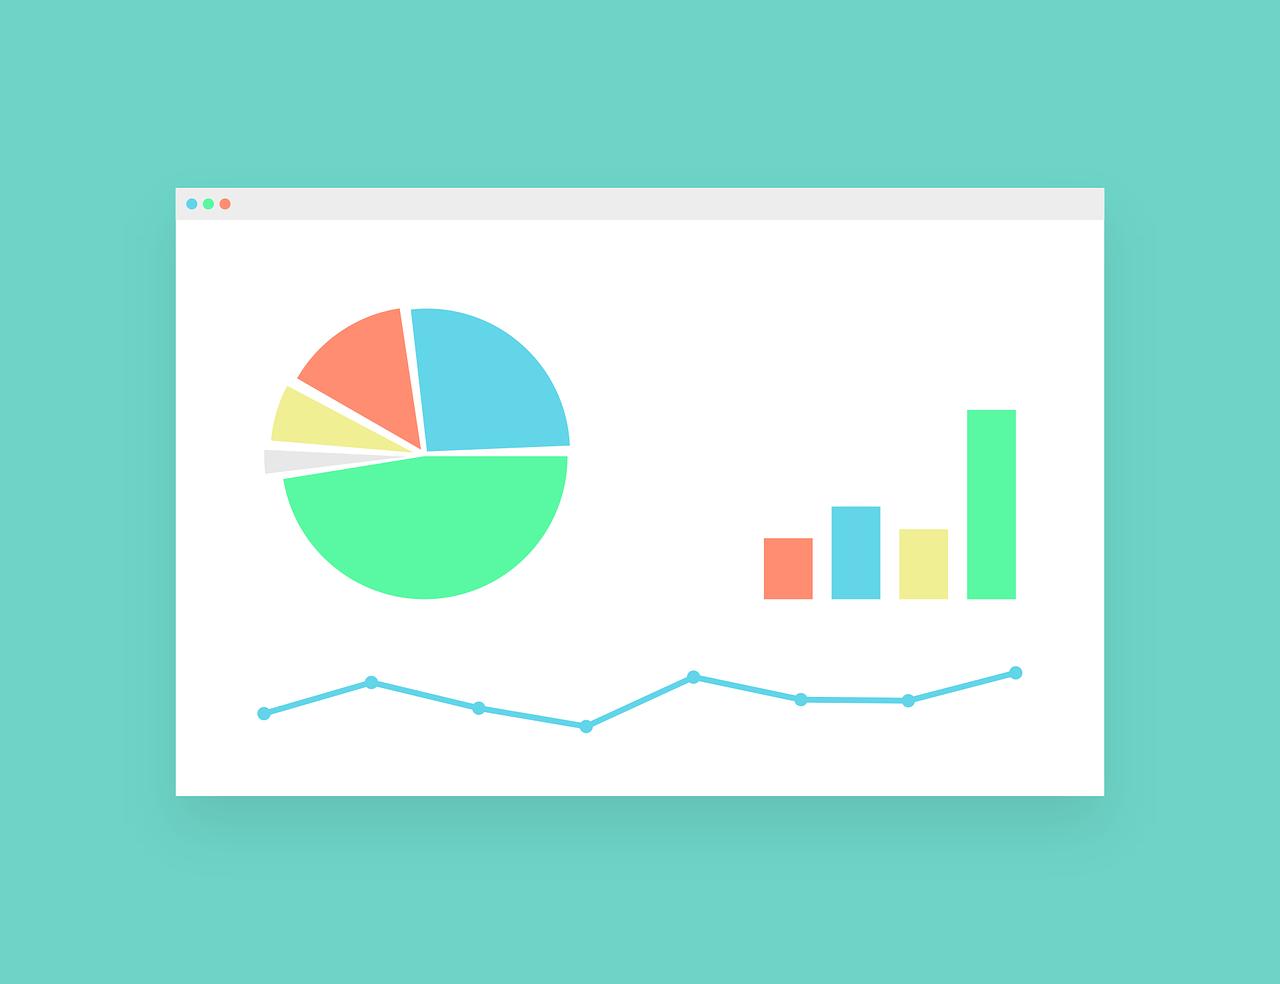 日経平均で取引する方法|おすすめネット証券会社も紹介